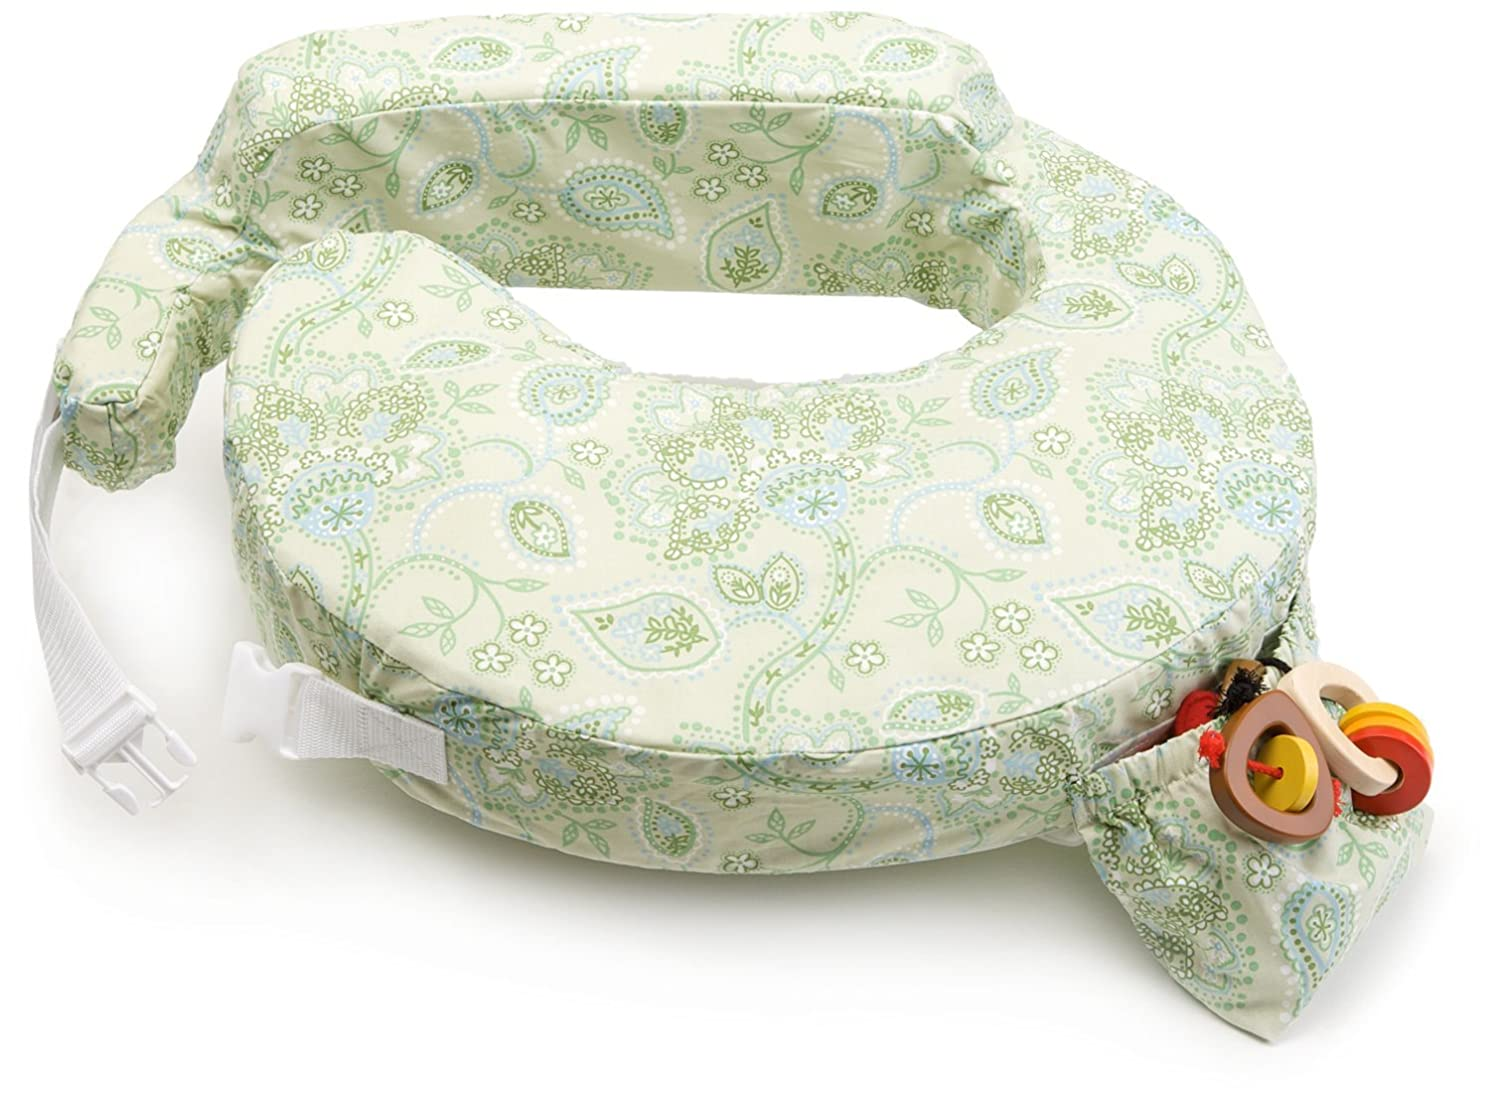 Amazon.com : Almohada inflable Enfermería Travel en verde de ...